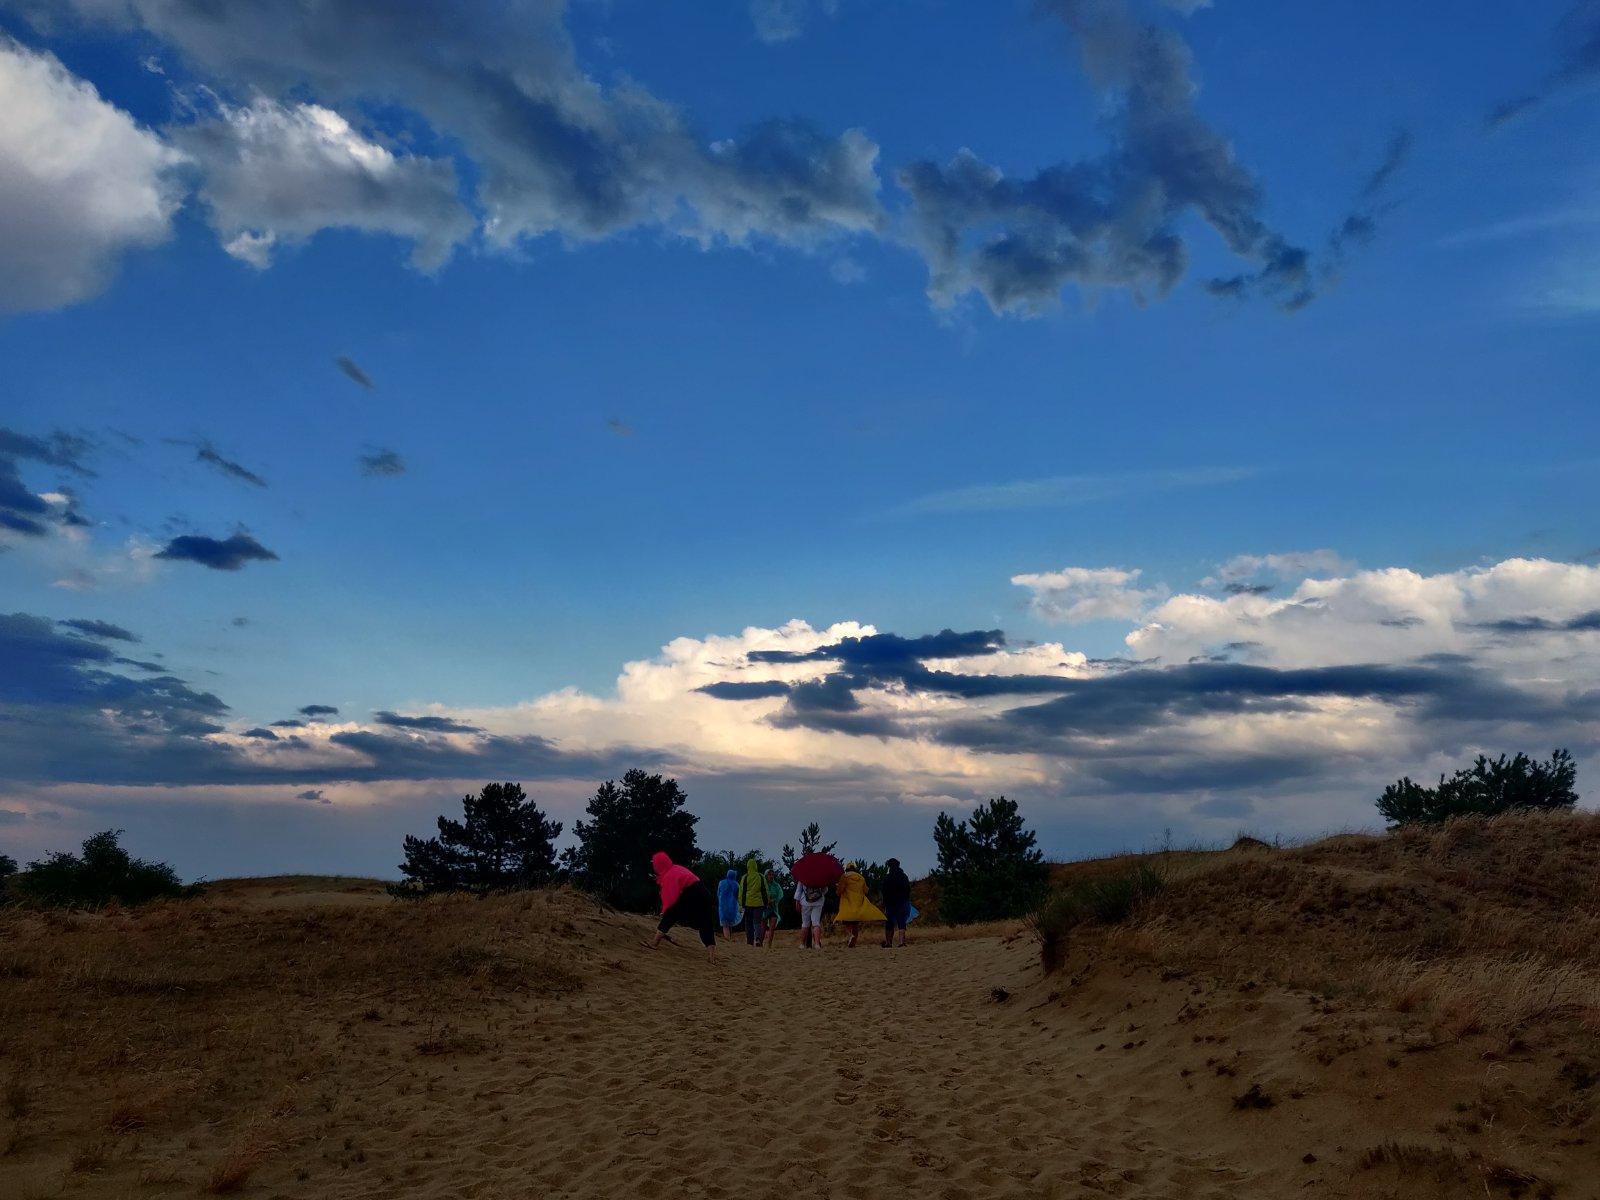 Открытие Украины: чего вы не знали об Олешковских песках и Аскании-Нова